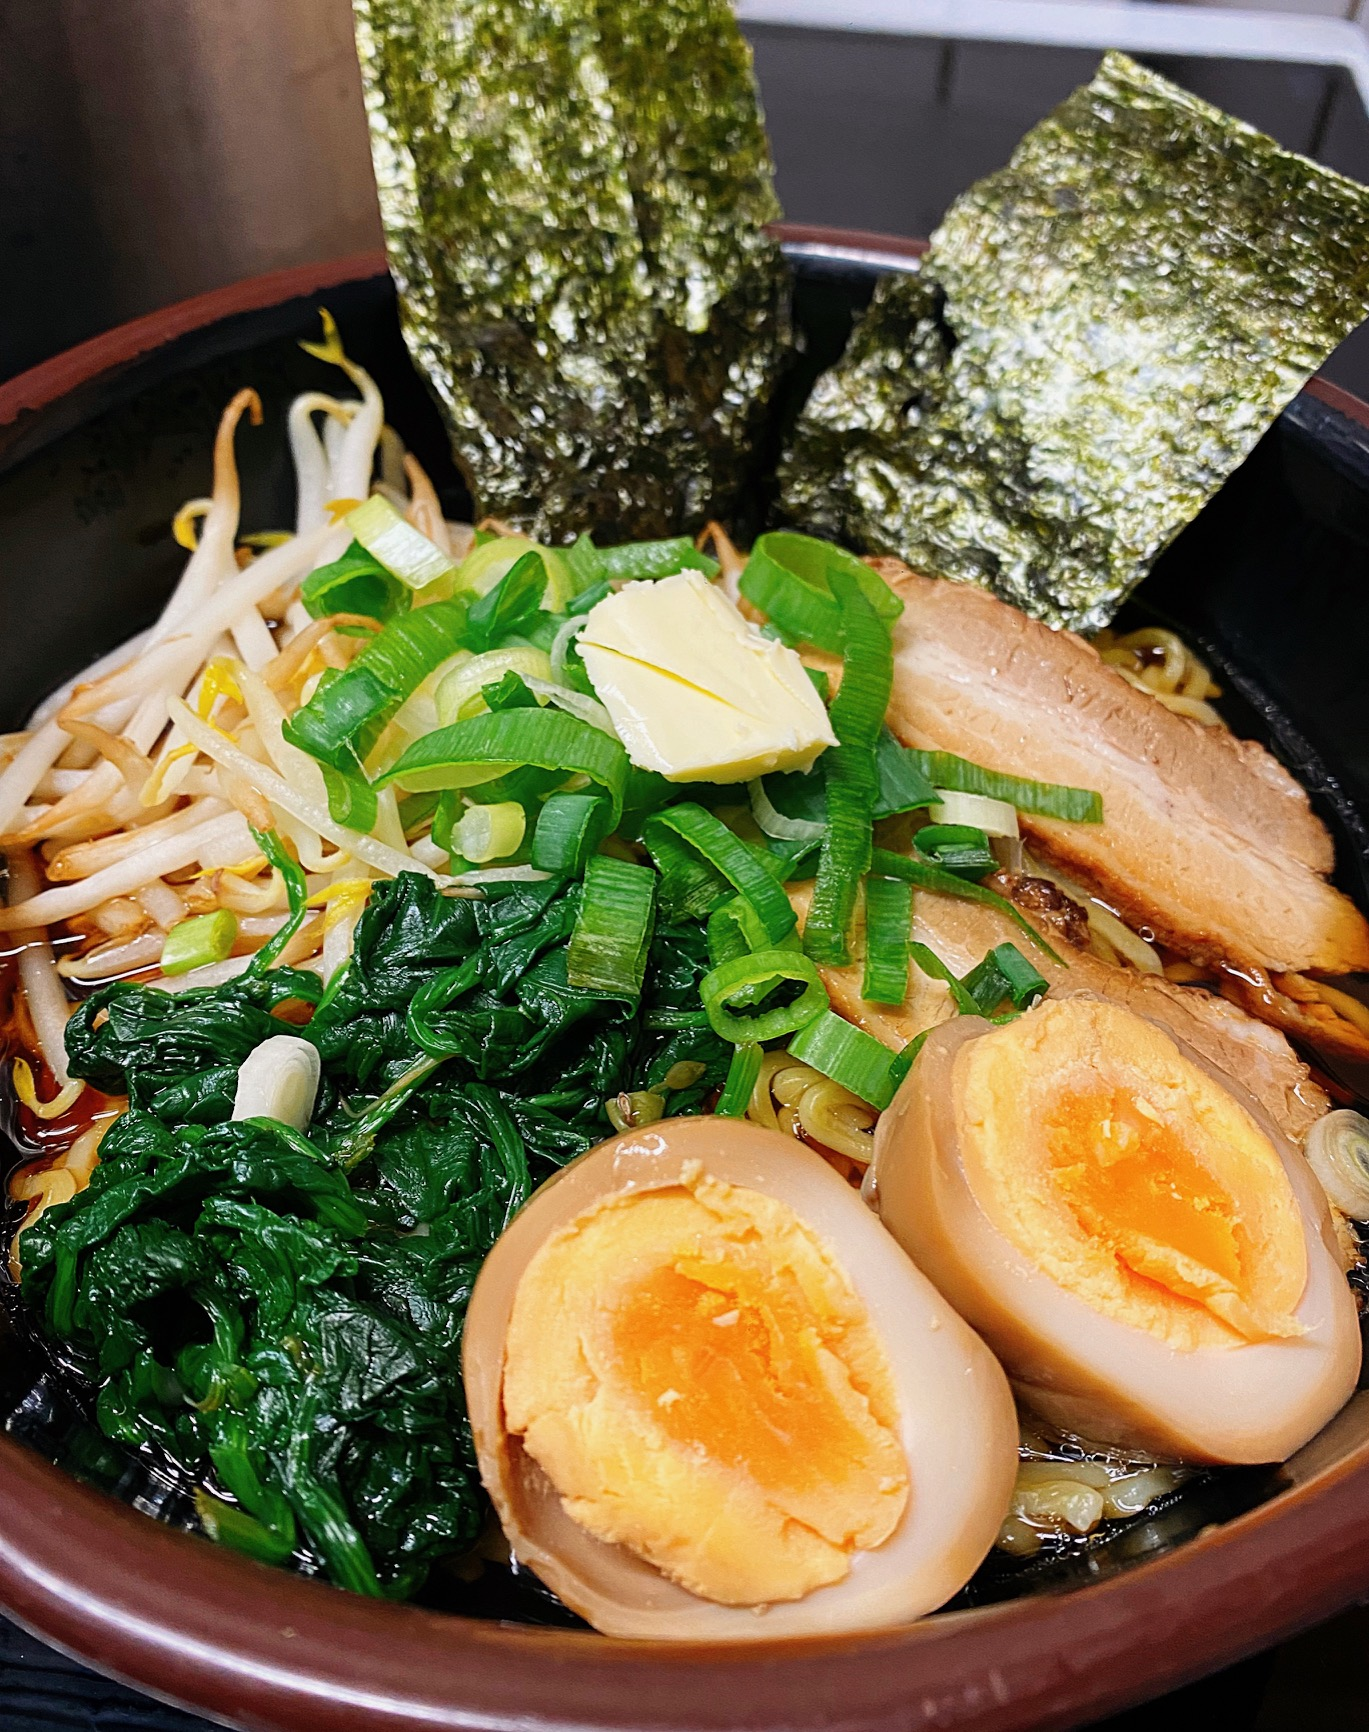 [好吃推荐] 疫情期间不能出国,开始想念日本的好味道了吗?